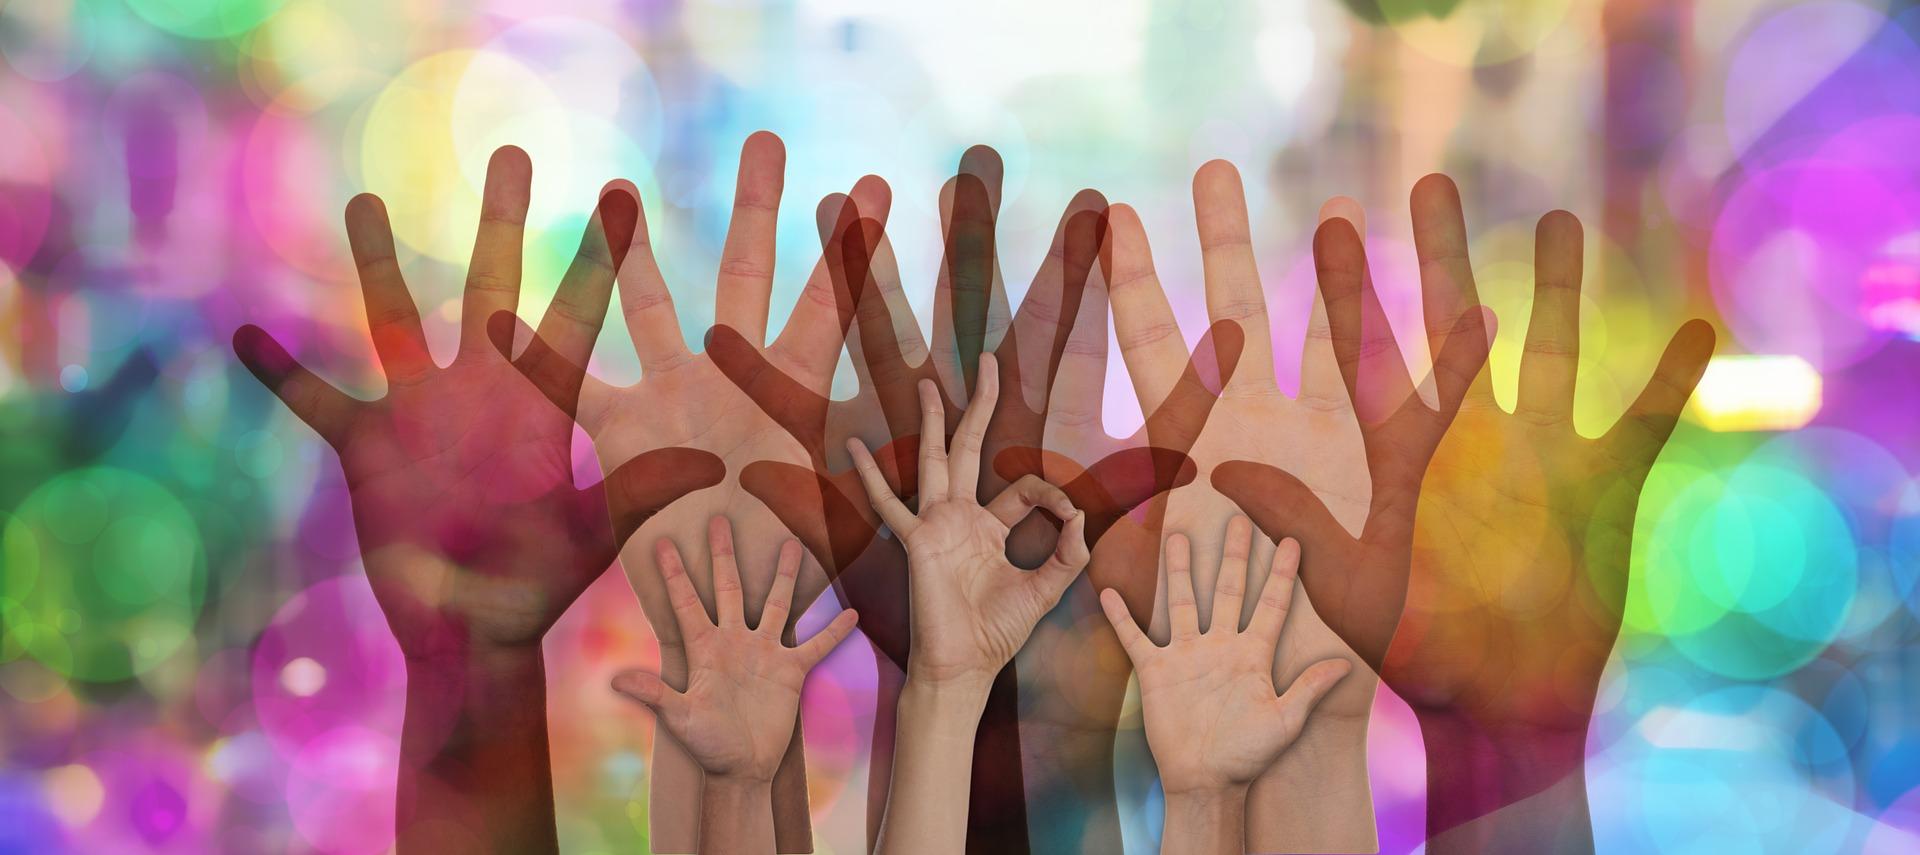 Das Märchen von der Inklusion - Bild mit Händen